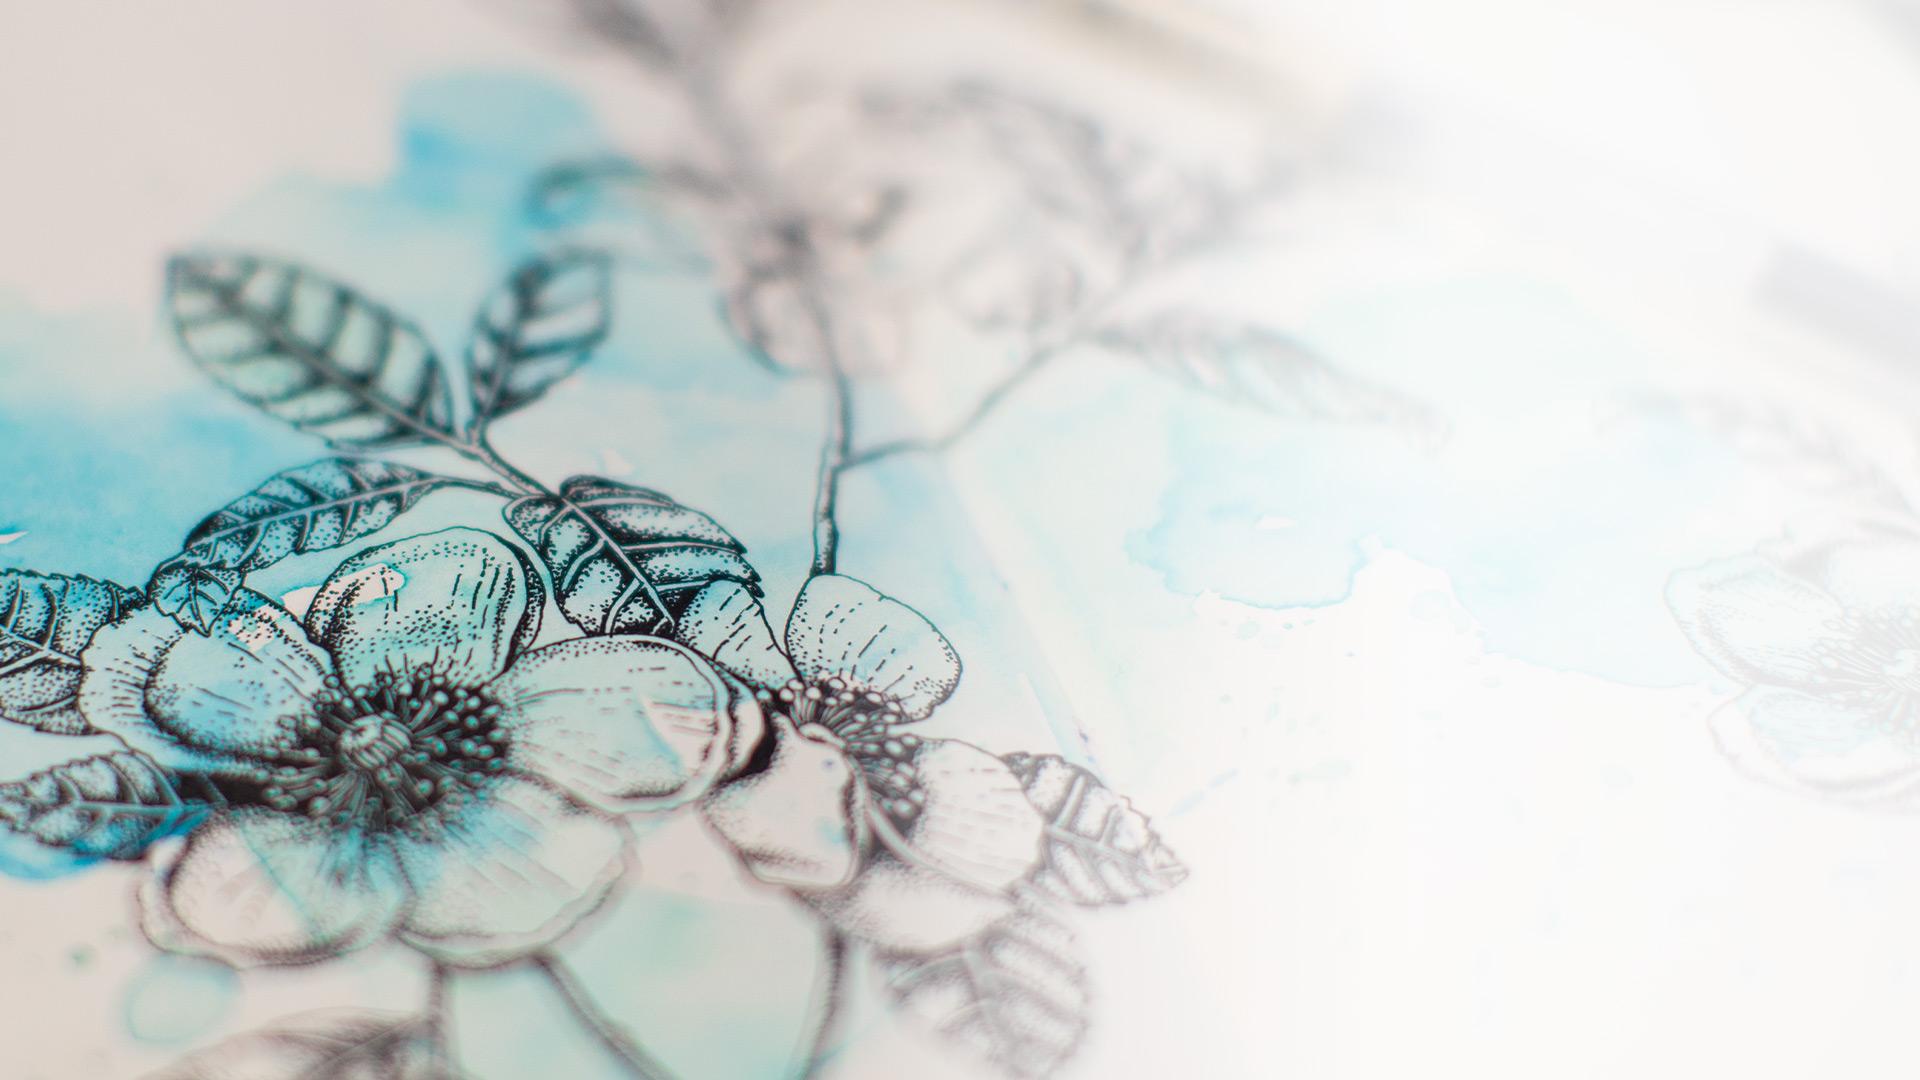 Gėlės piešinys mėlyna akvarele